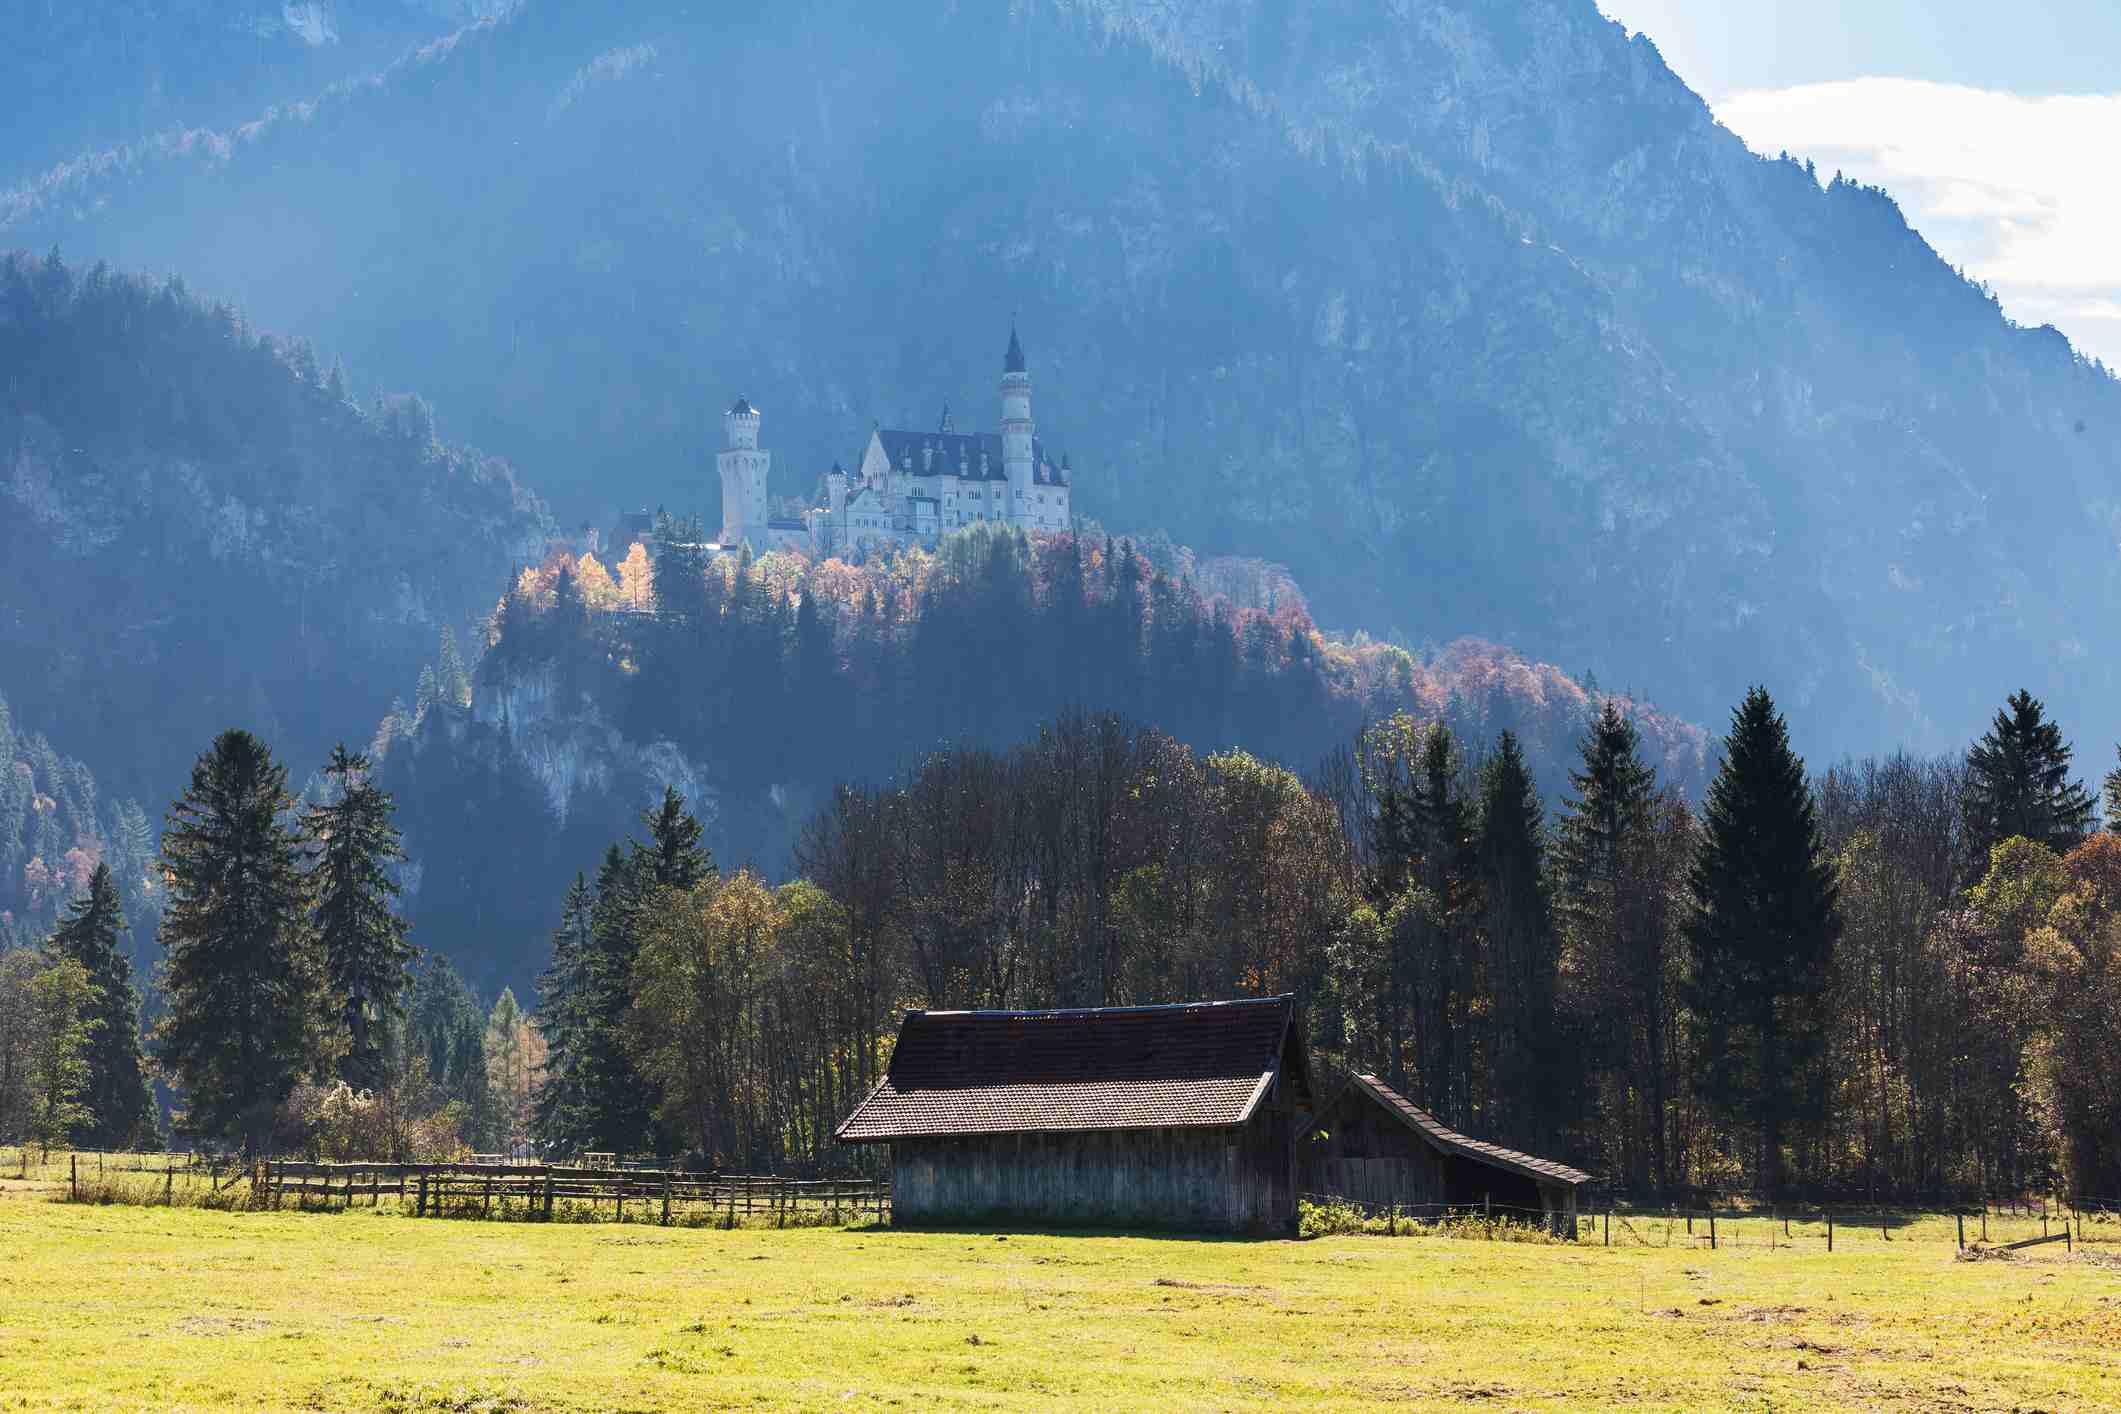 Neuschwanstein castle from the valley